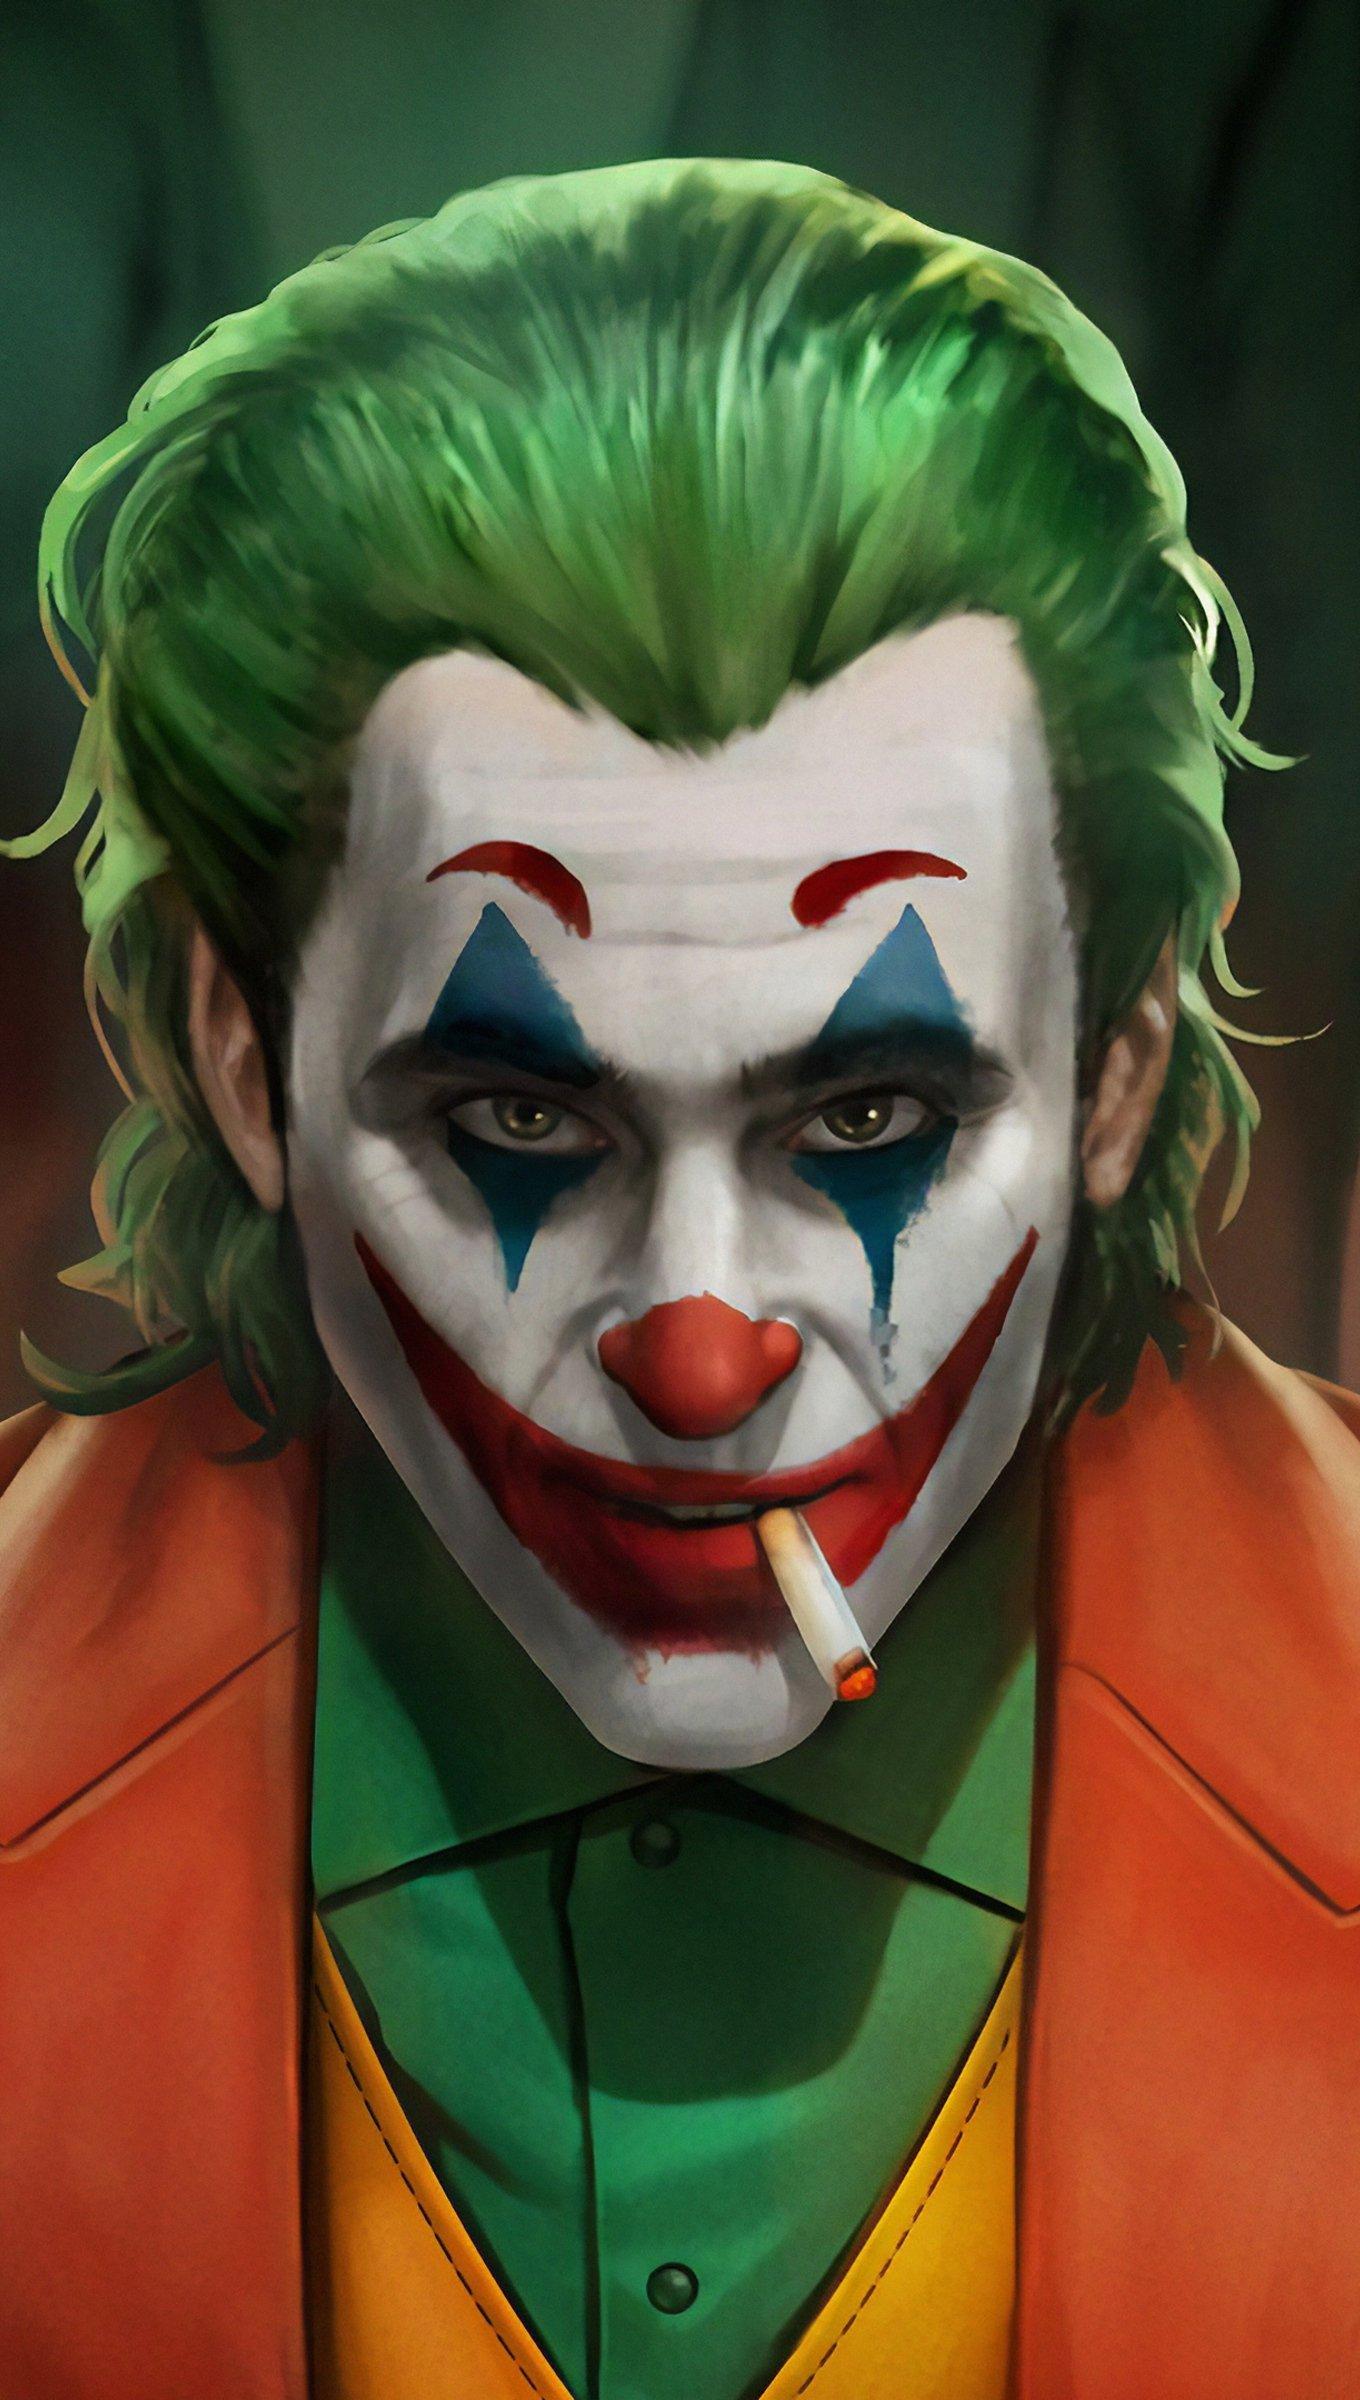 Wallpaper Joker with clowns Fanart Vertical